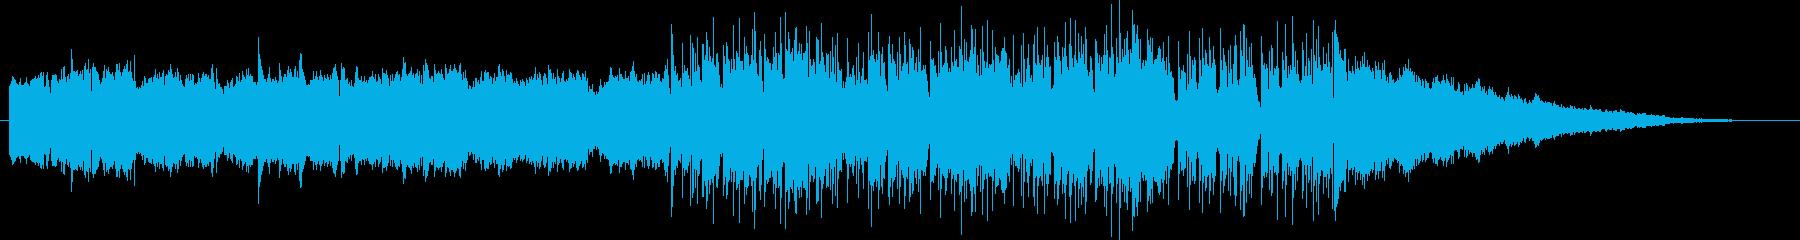 シンセ主体のアップテンポなポップスです。の再生済みの波形